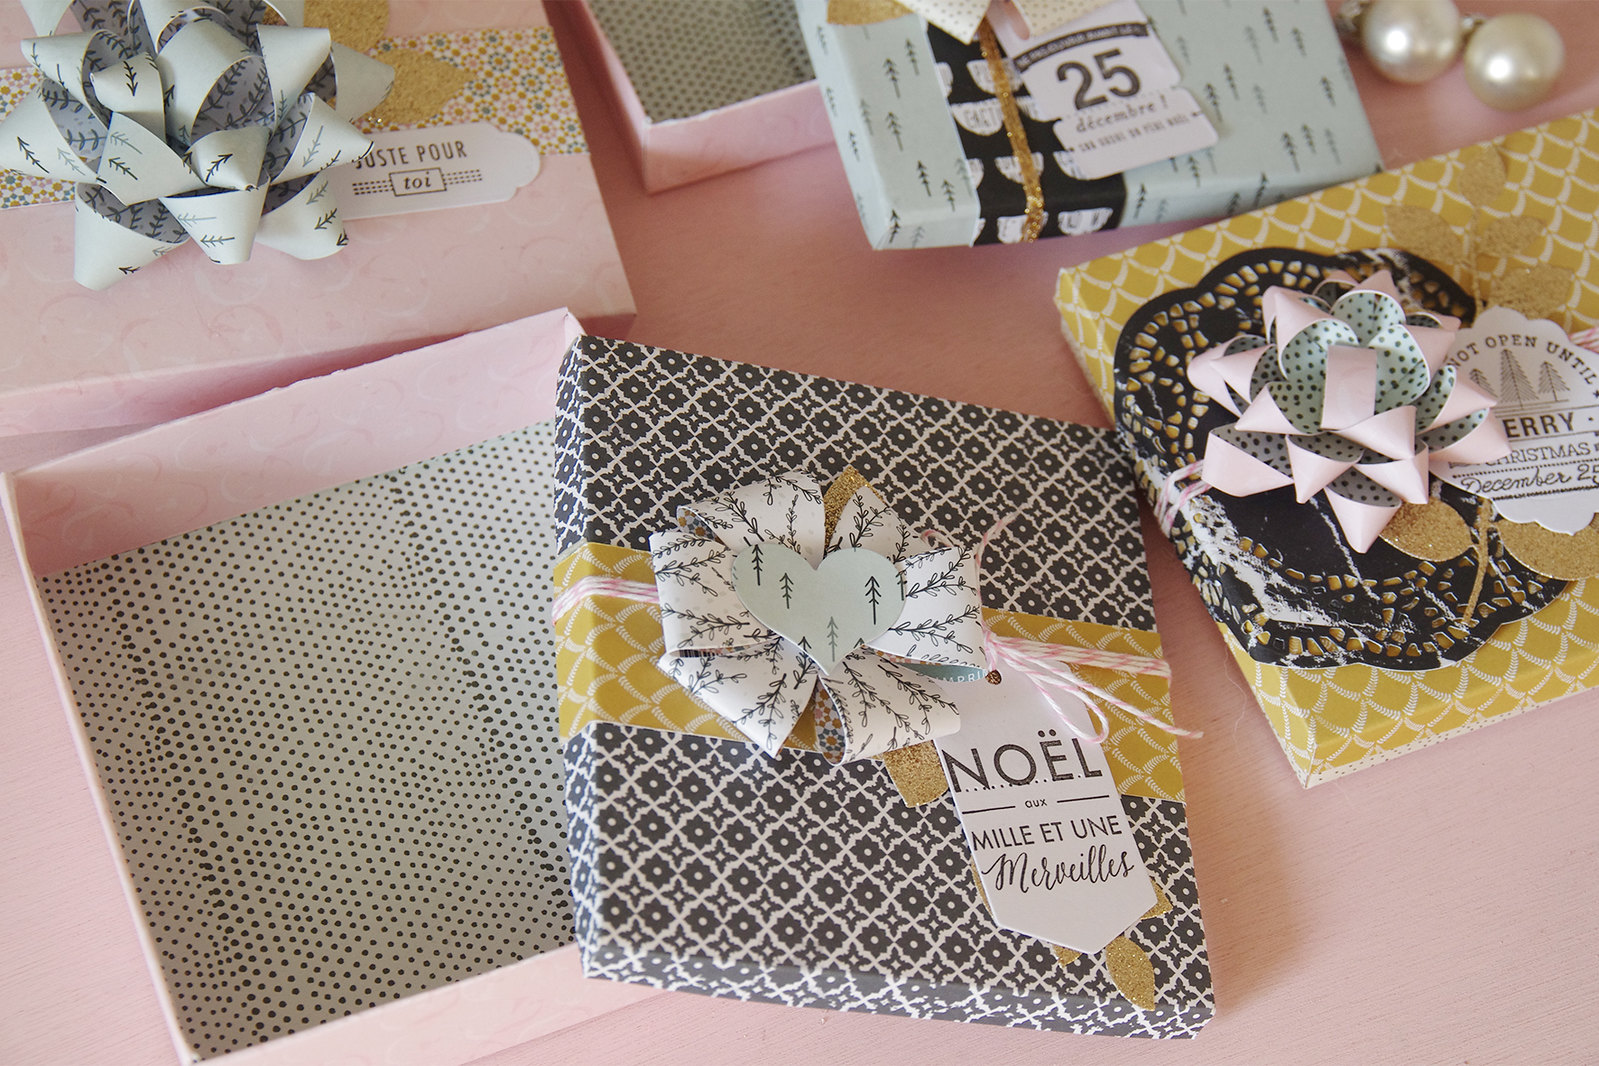 Belles boites pour beaux cadeaux kesiart marienicolasalliot-21